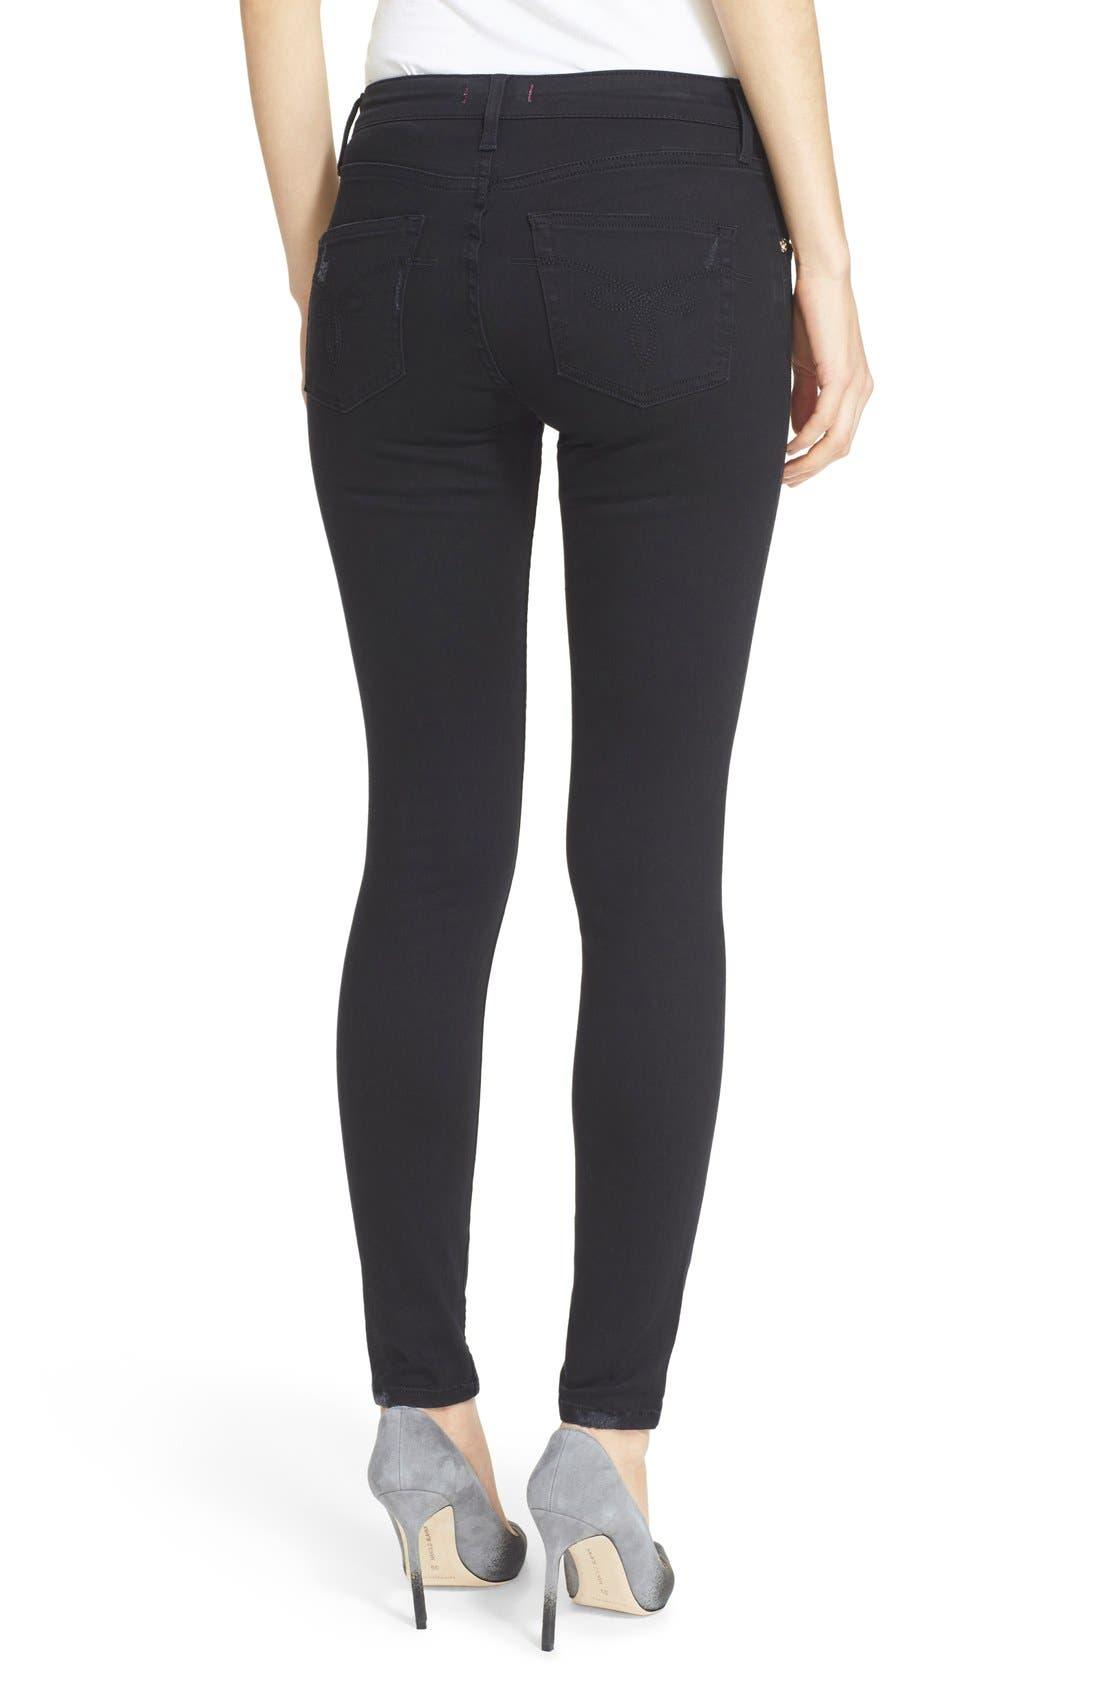 Alternate Image 2  - Ted Baker London 'Platt' Abrasion Skinny Jeans (Black)